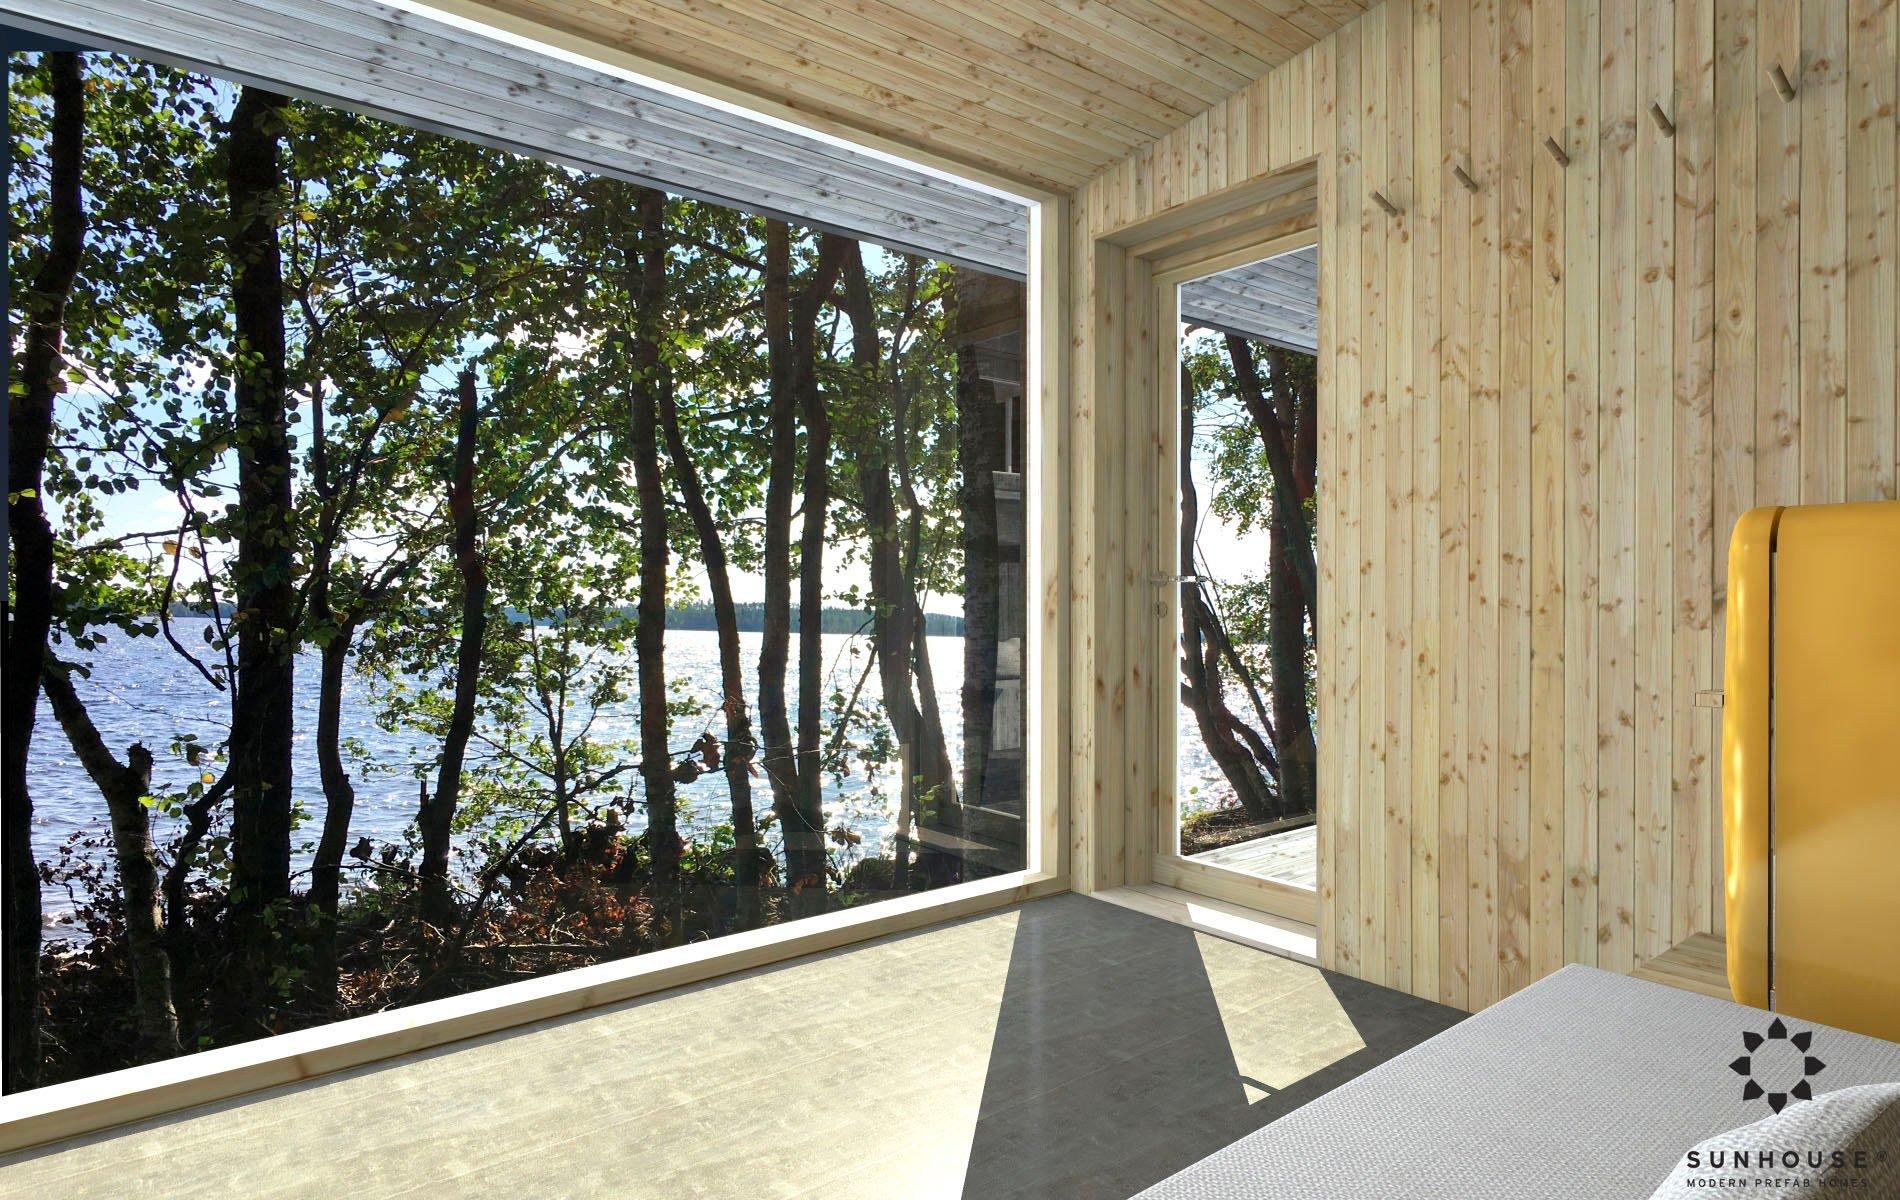 Sunhouse moderni sauna S1722_sisältä (1)